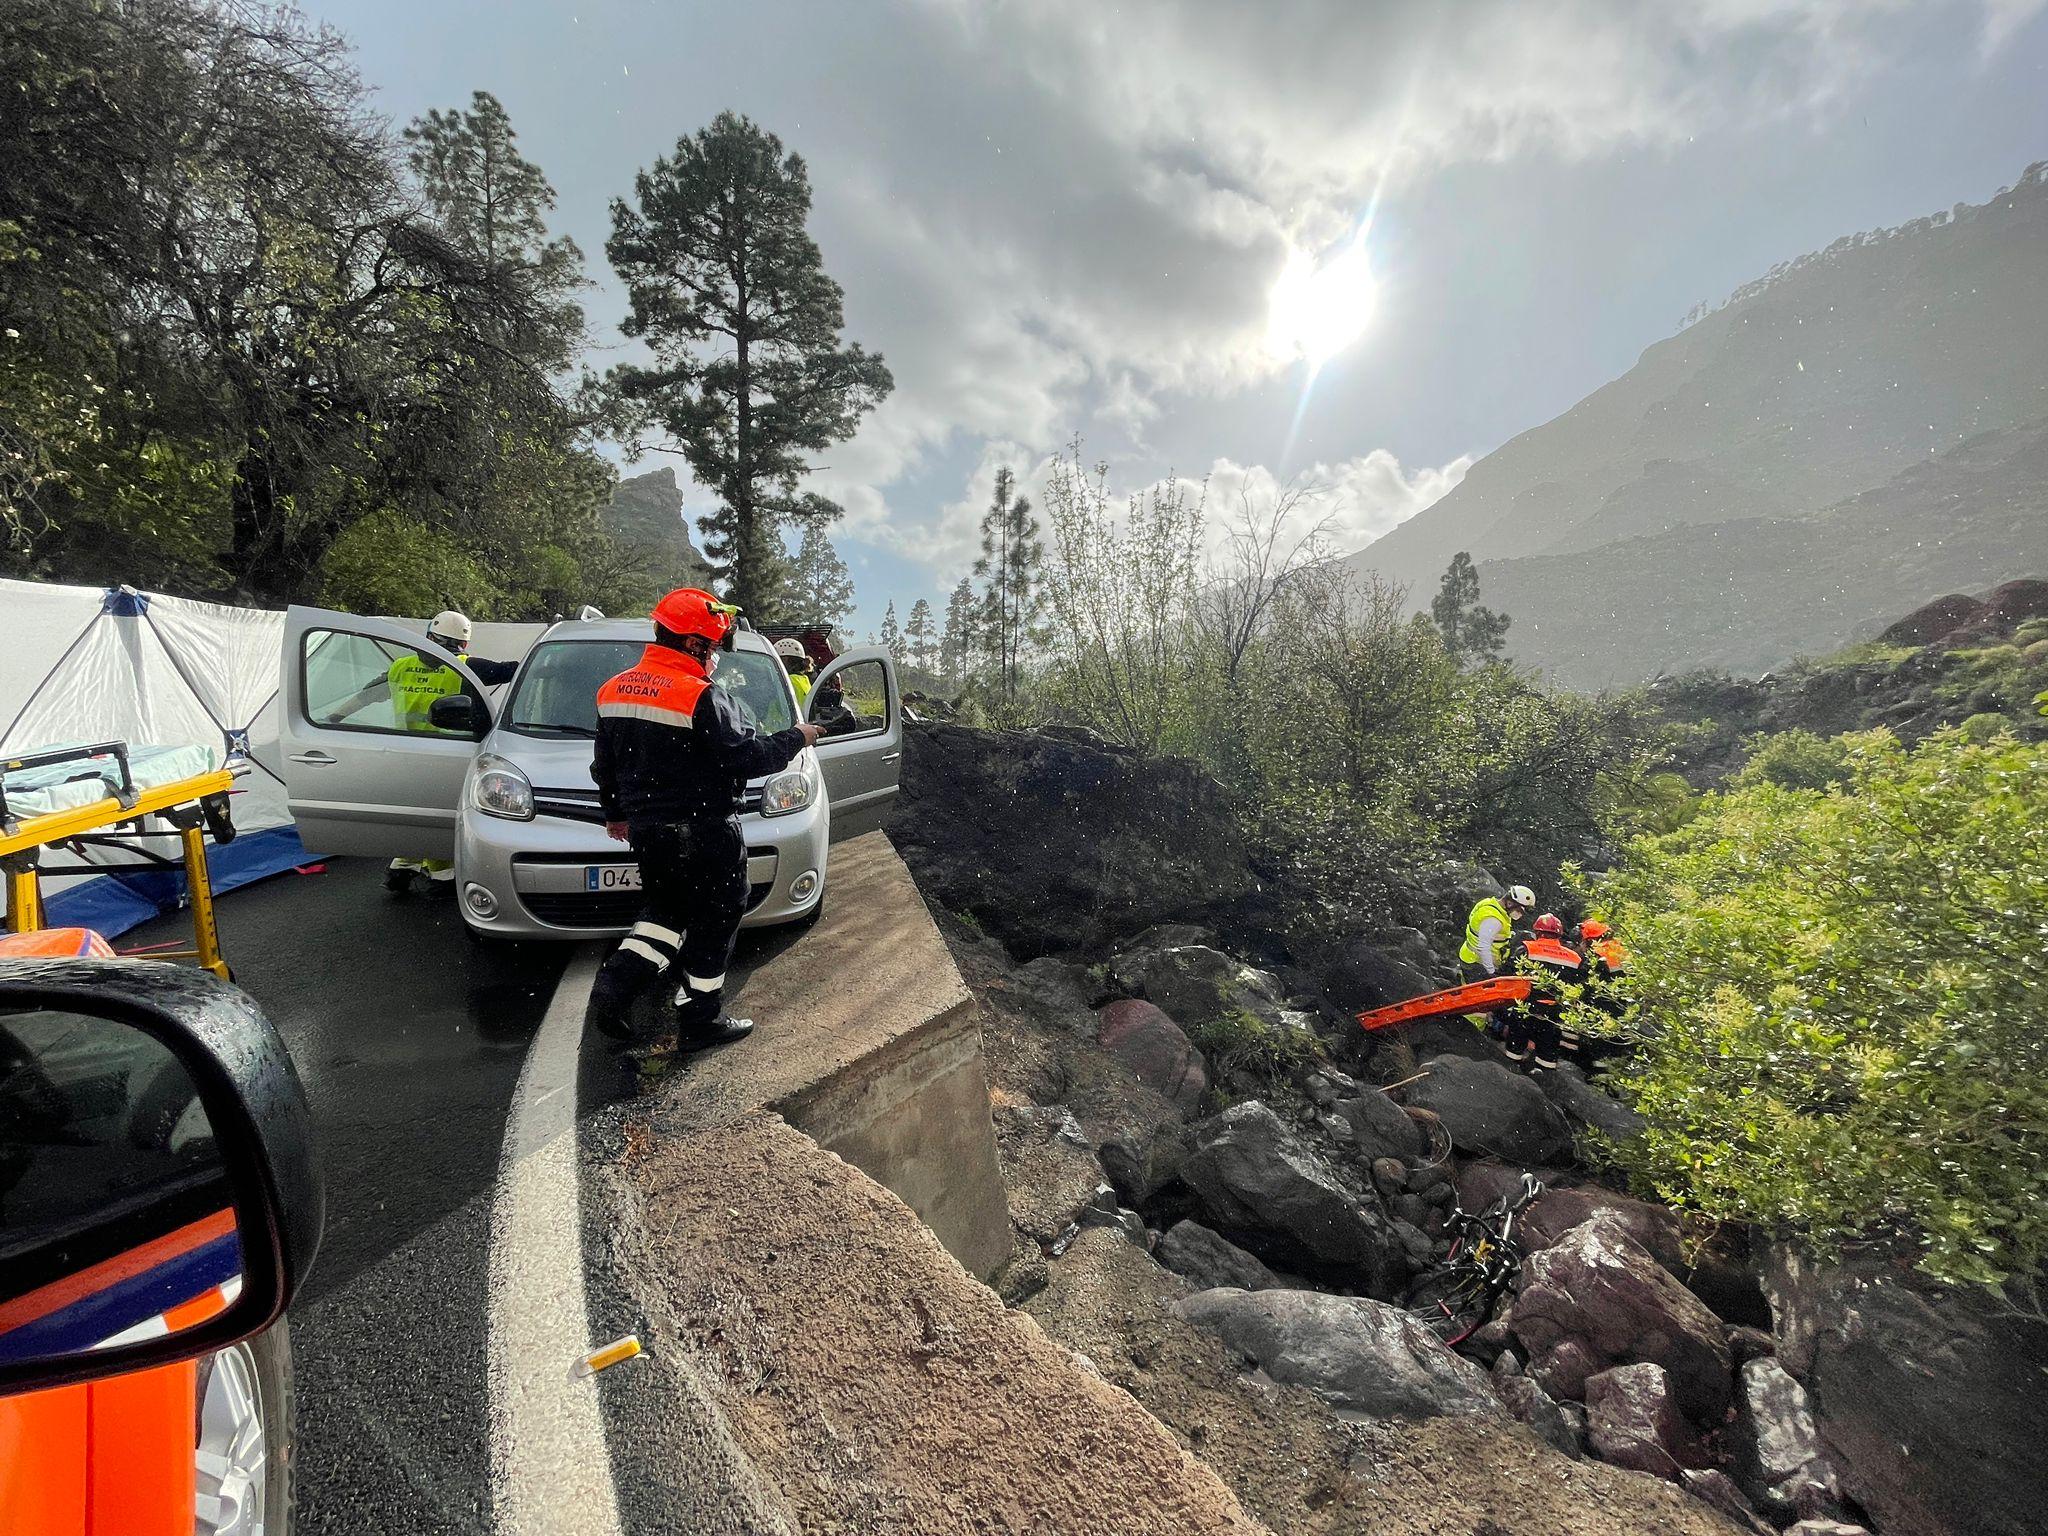 Simulacro de accidente de tráfico / CanariasNoticias.es